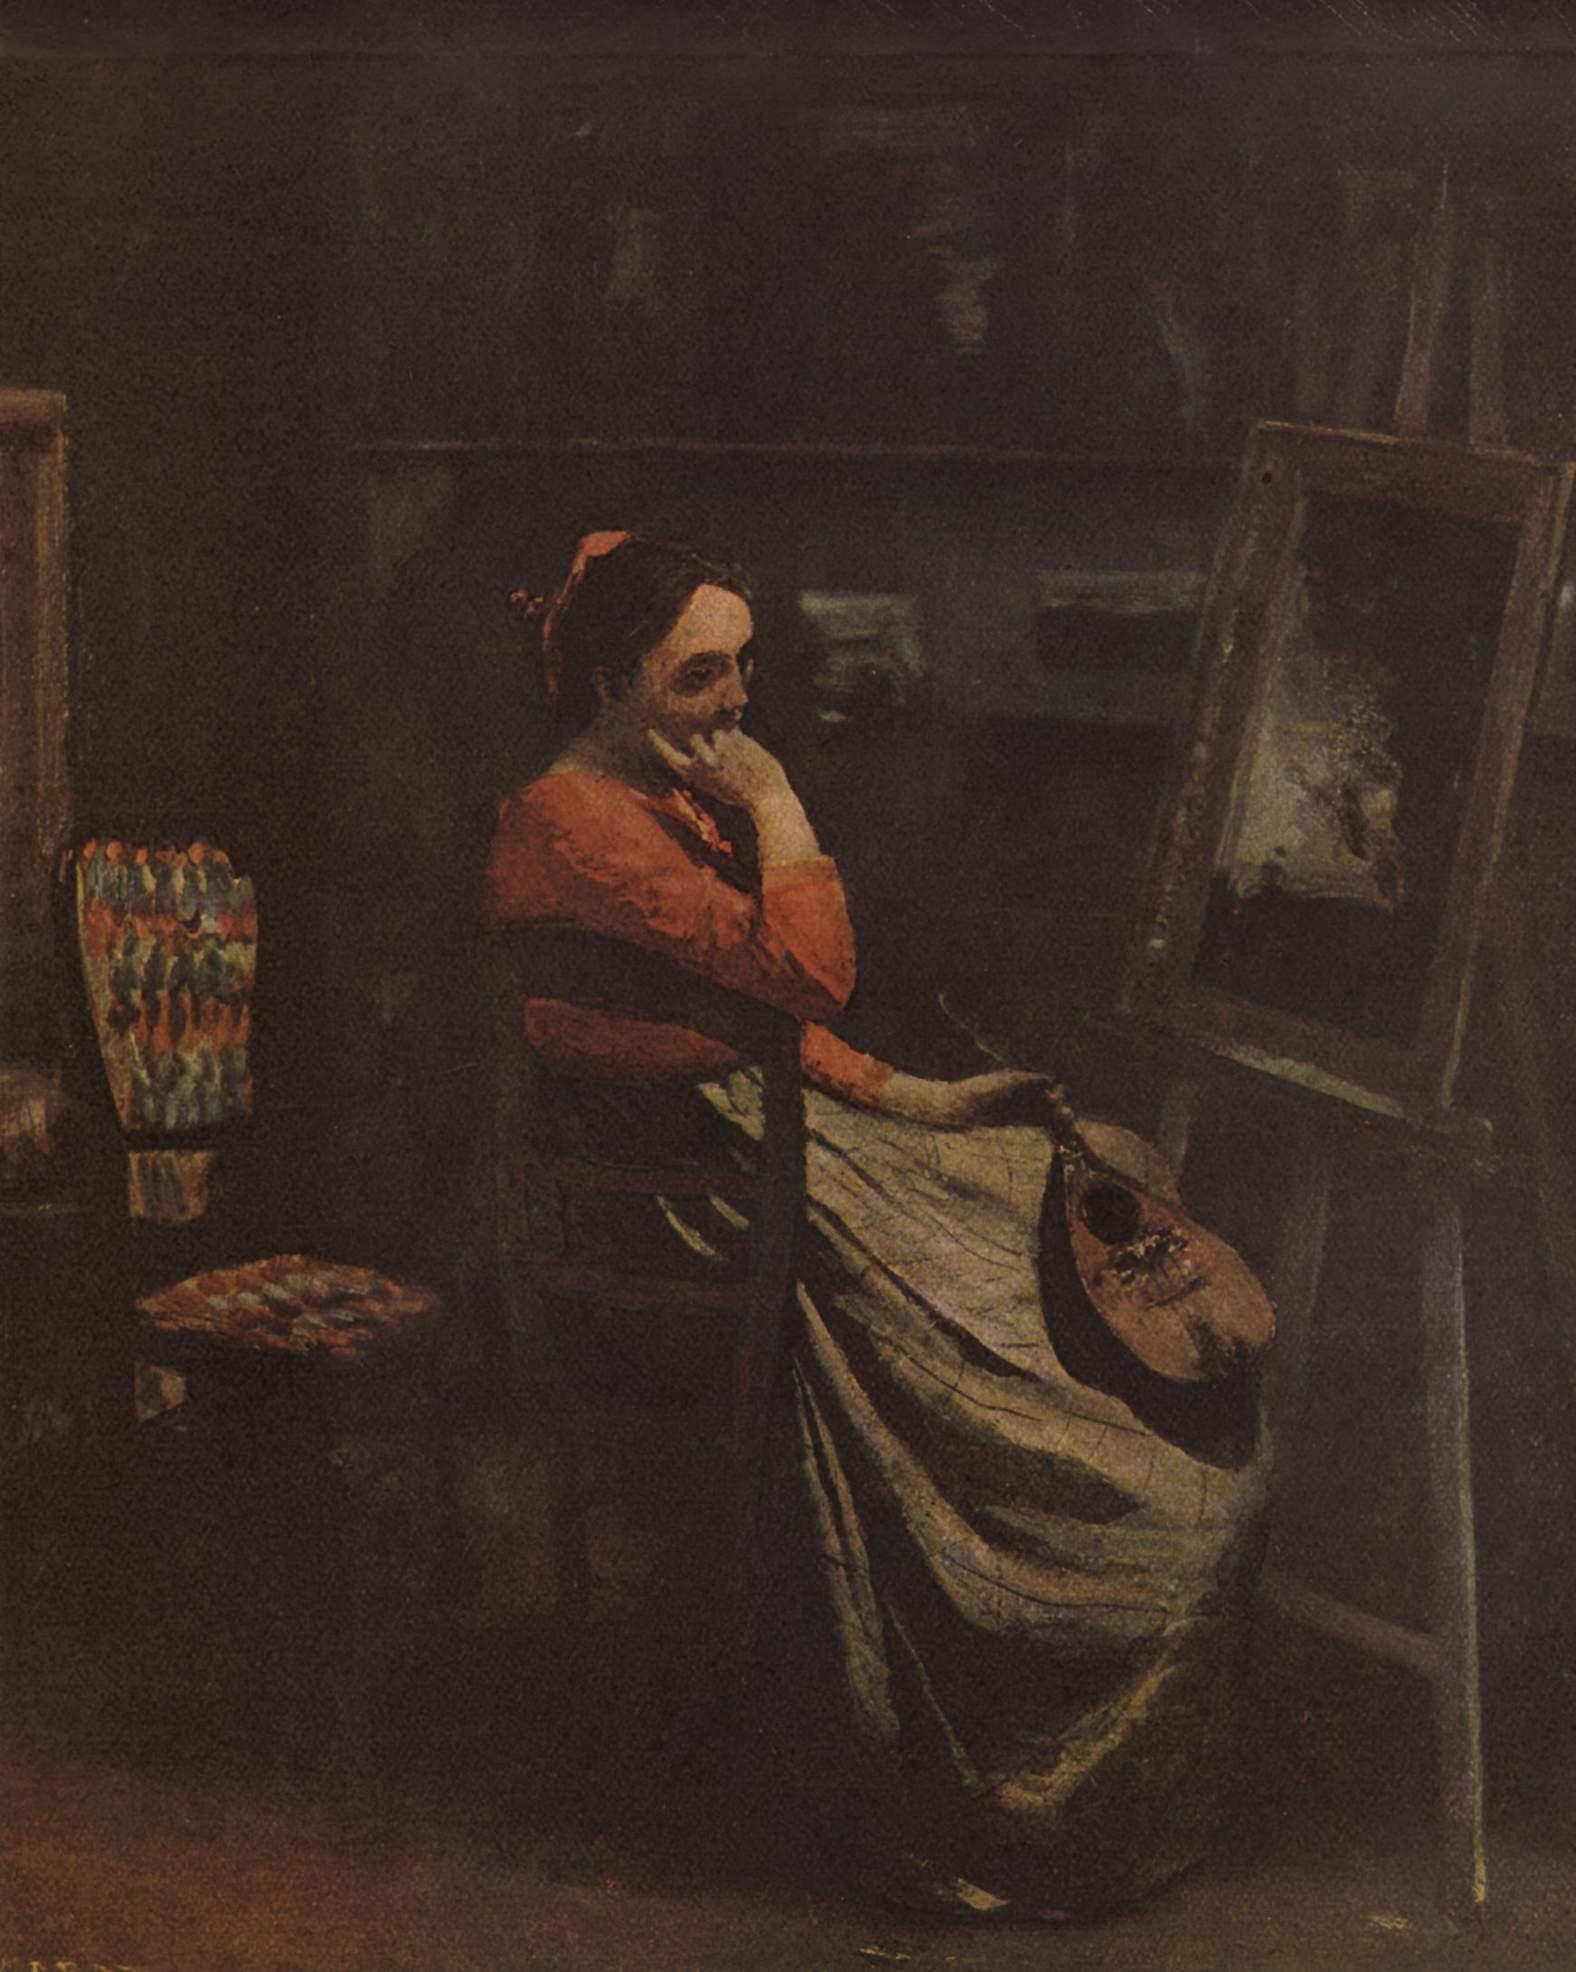 Ателье художника, Коро Жан-Батист-Камиль